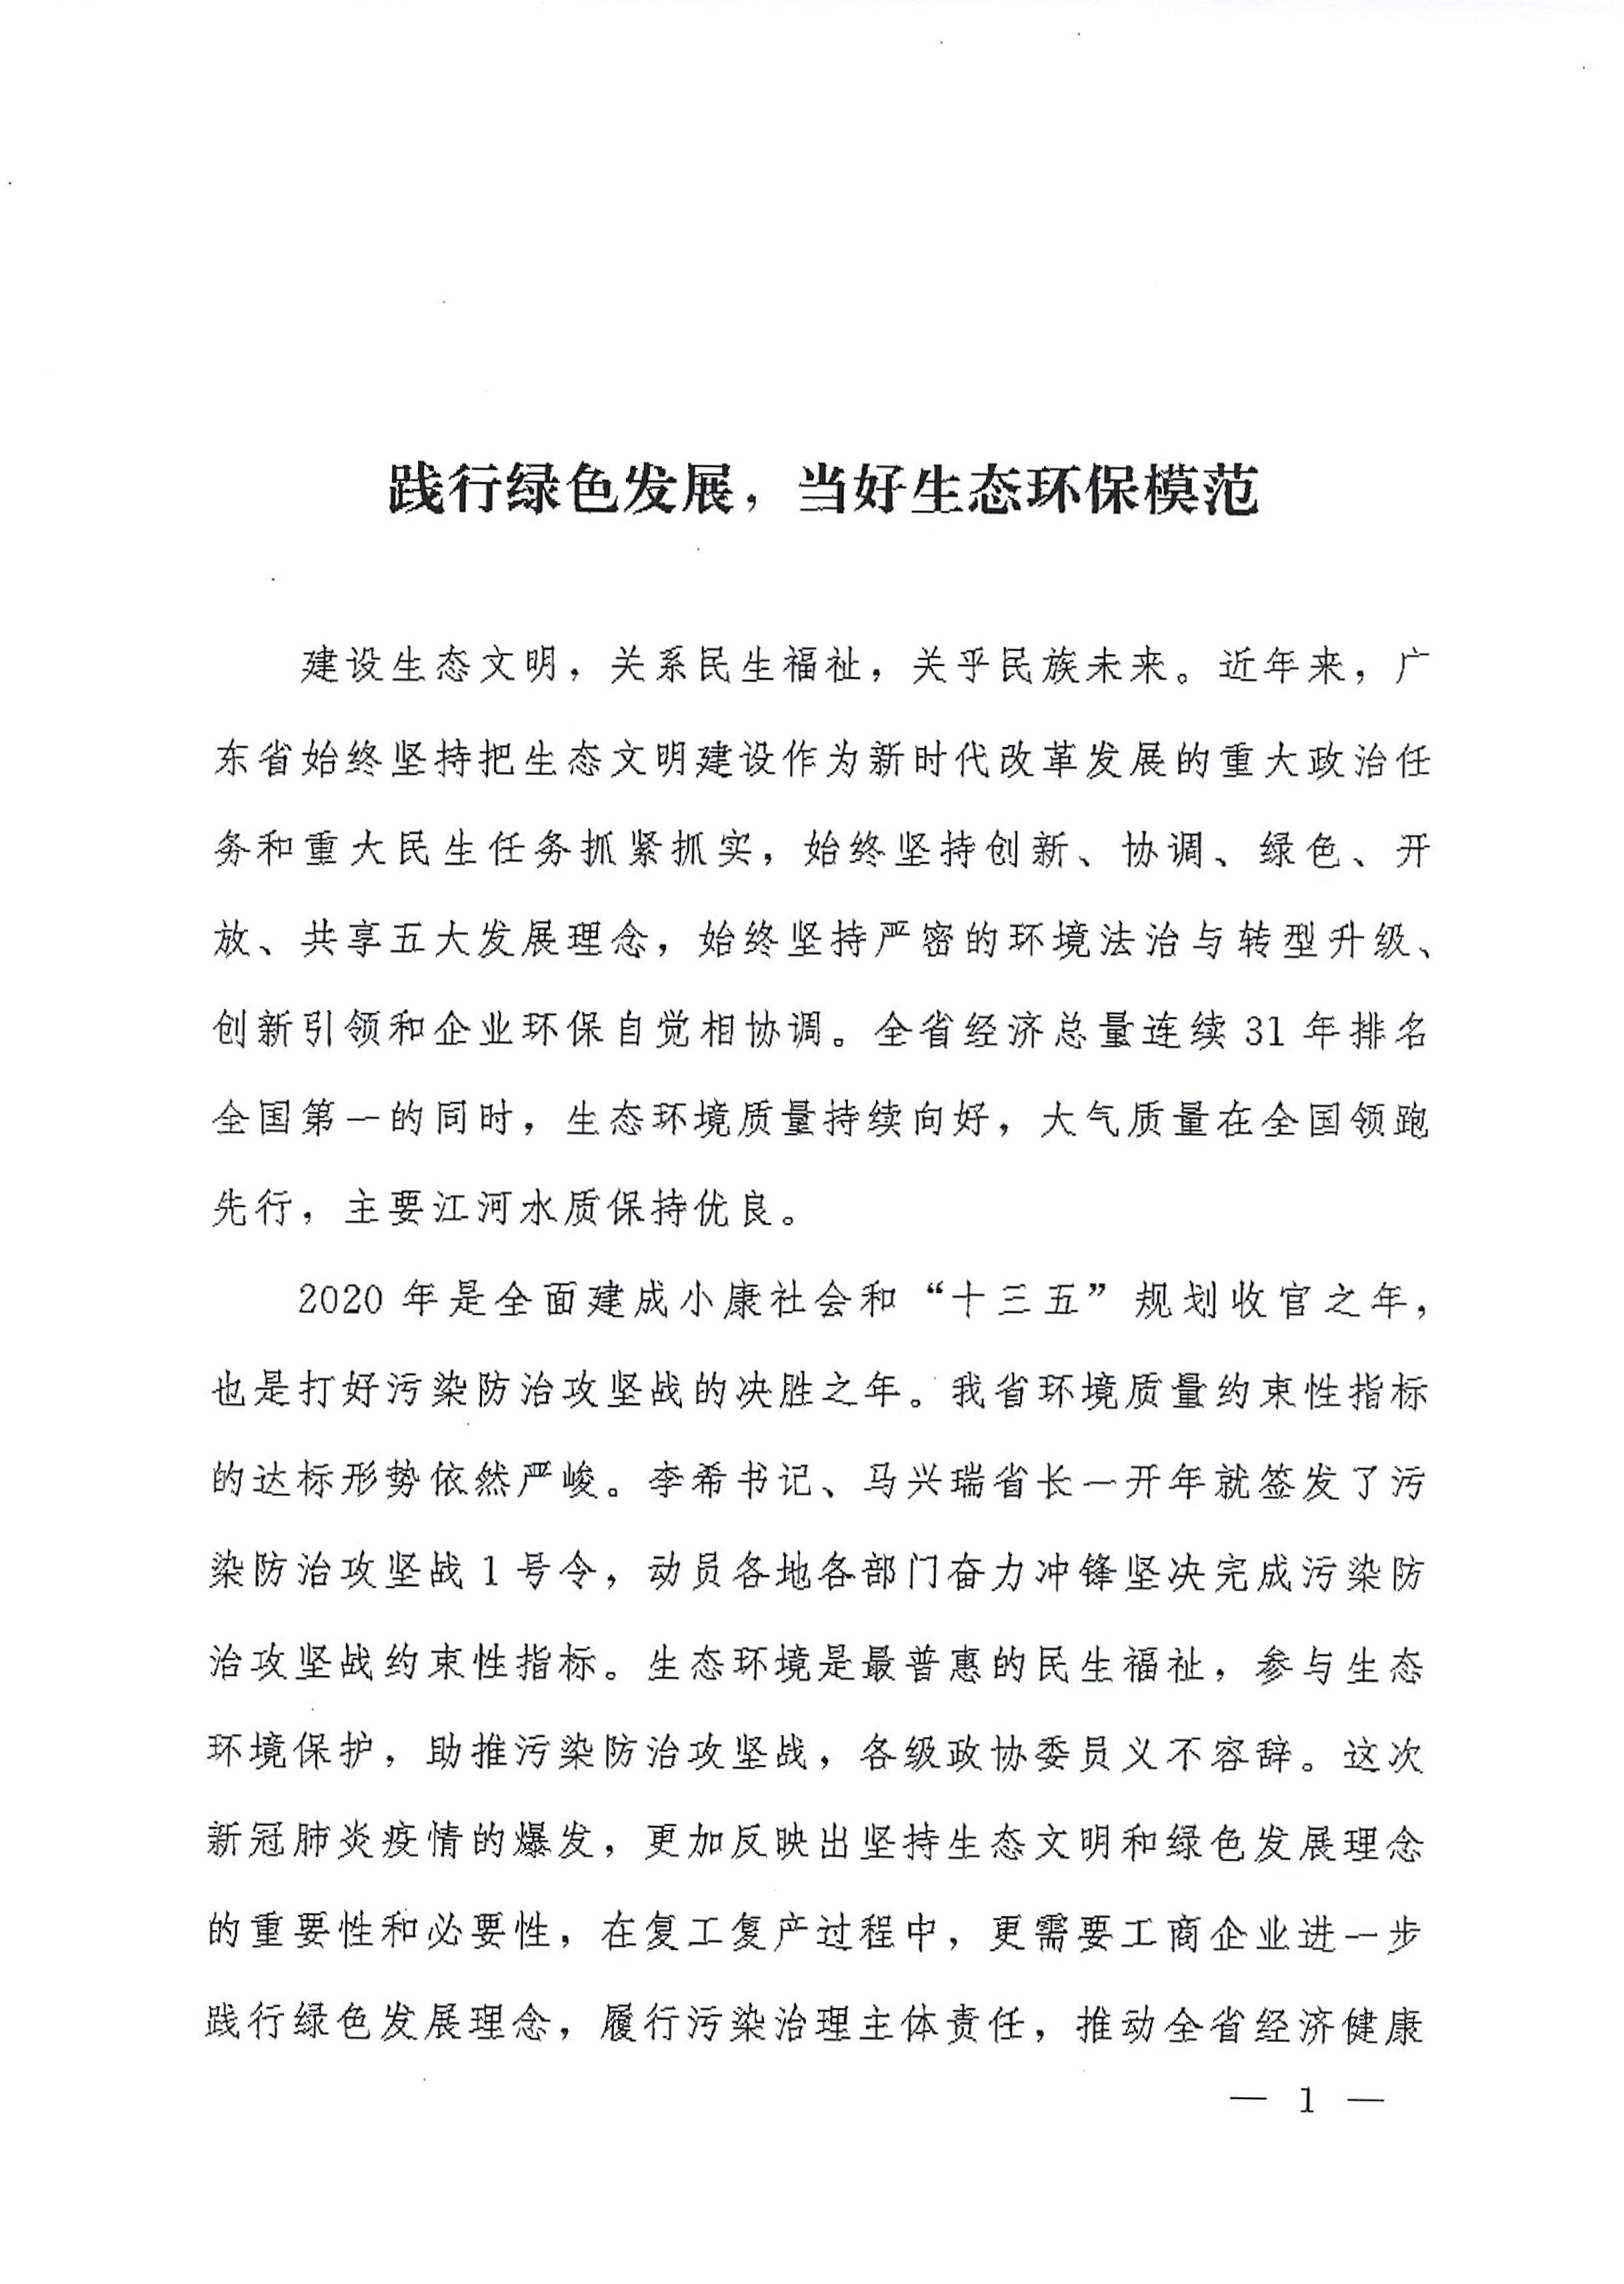 """关于在全市政协组织和政协委员中开展""""携手治污攻坚共建美丽广东""""倡议活动的函-2"""